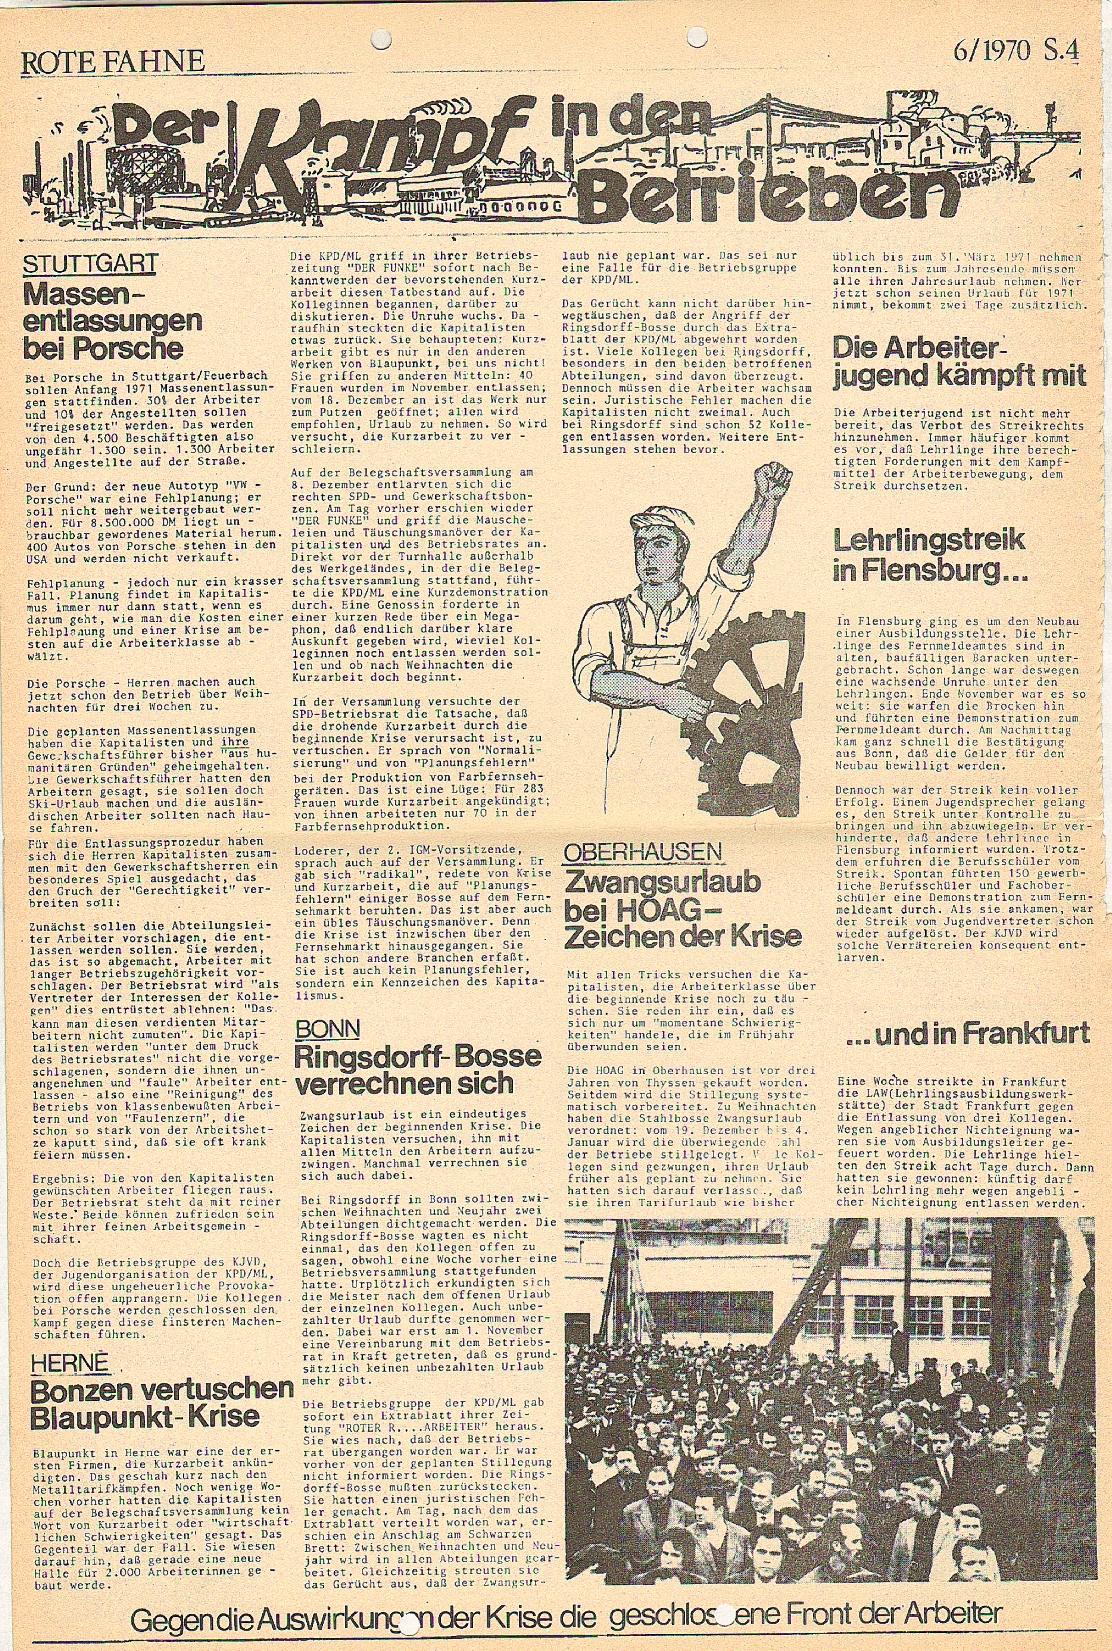 Rote Fahne, 1. Jg., 21.12.1970, Nr. 6, Seite 4